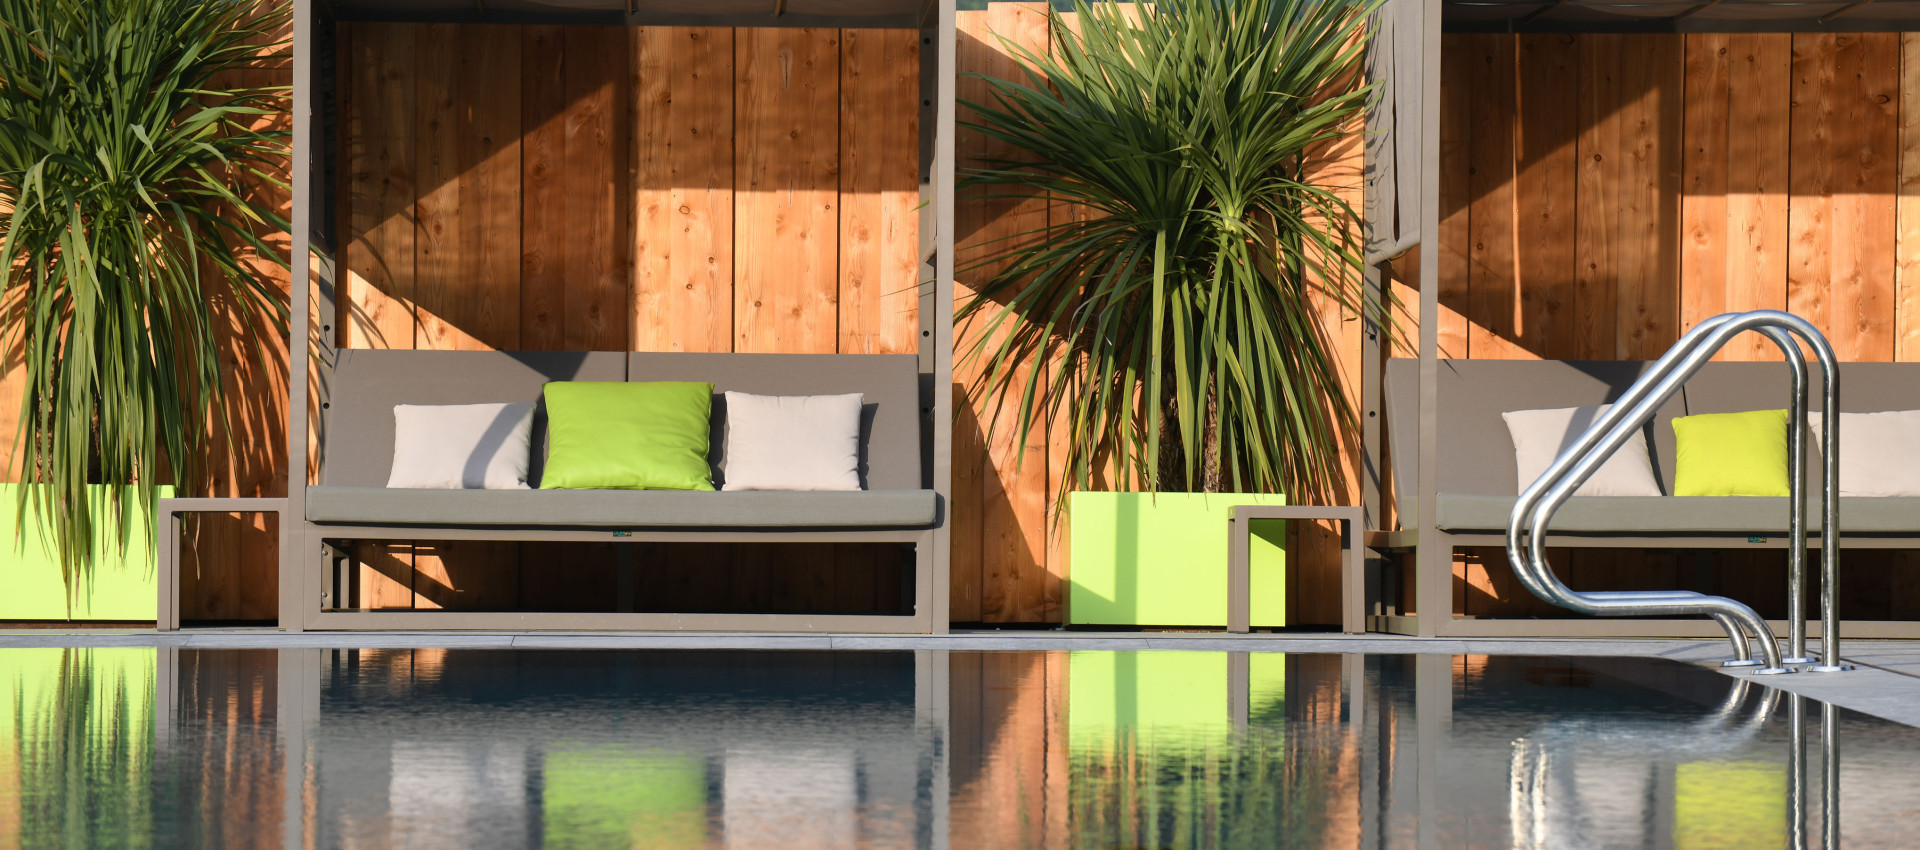 Garten & Pool im Hotel mit Feriendialyse Südtirol